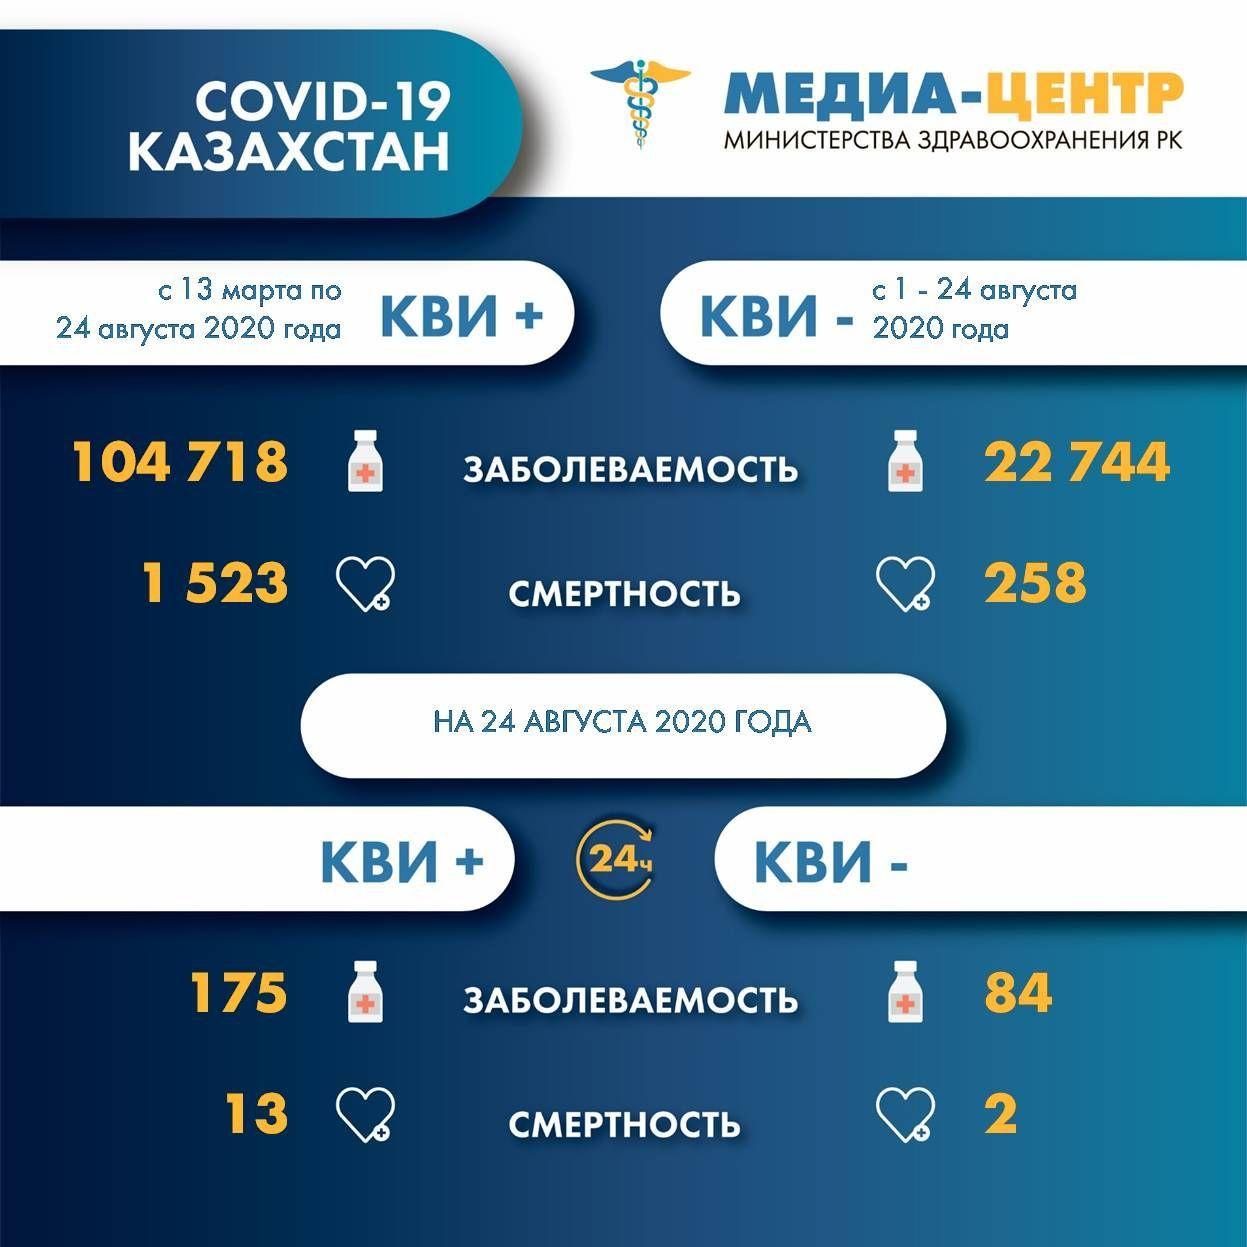 Более пяти тысяч казахстанцев находятся в больницах из-за коронавирусной инфекции